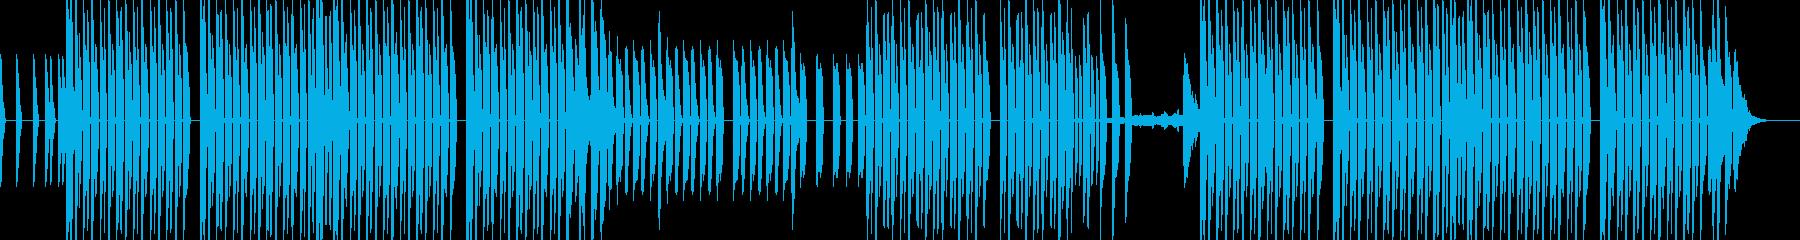 どこか懐かしさのある雰囲気のテクノの再生済みの波形